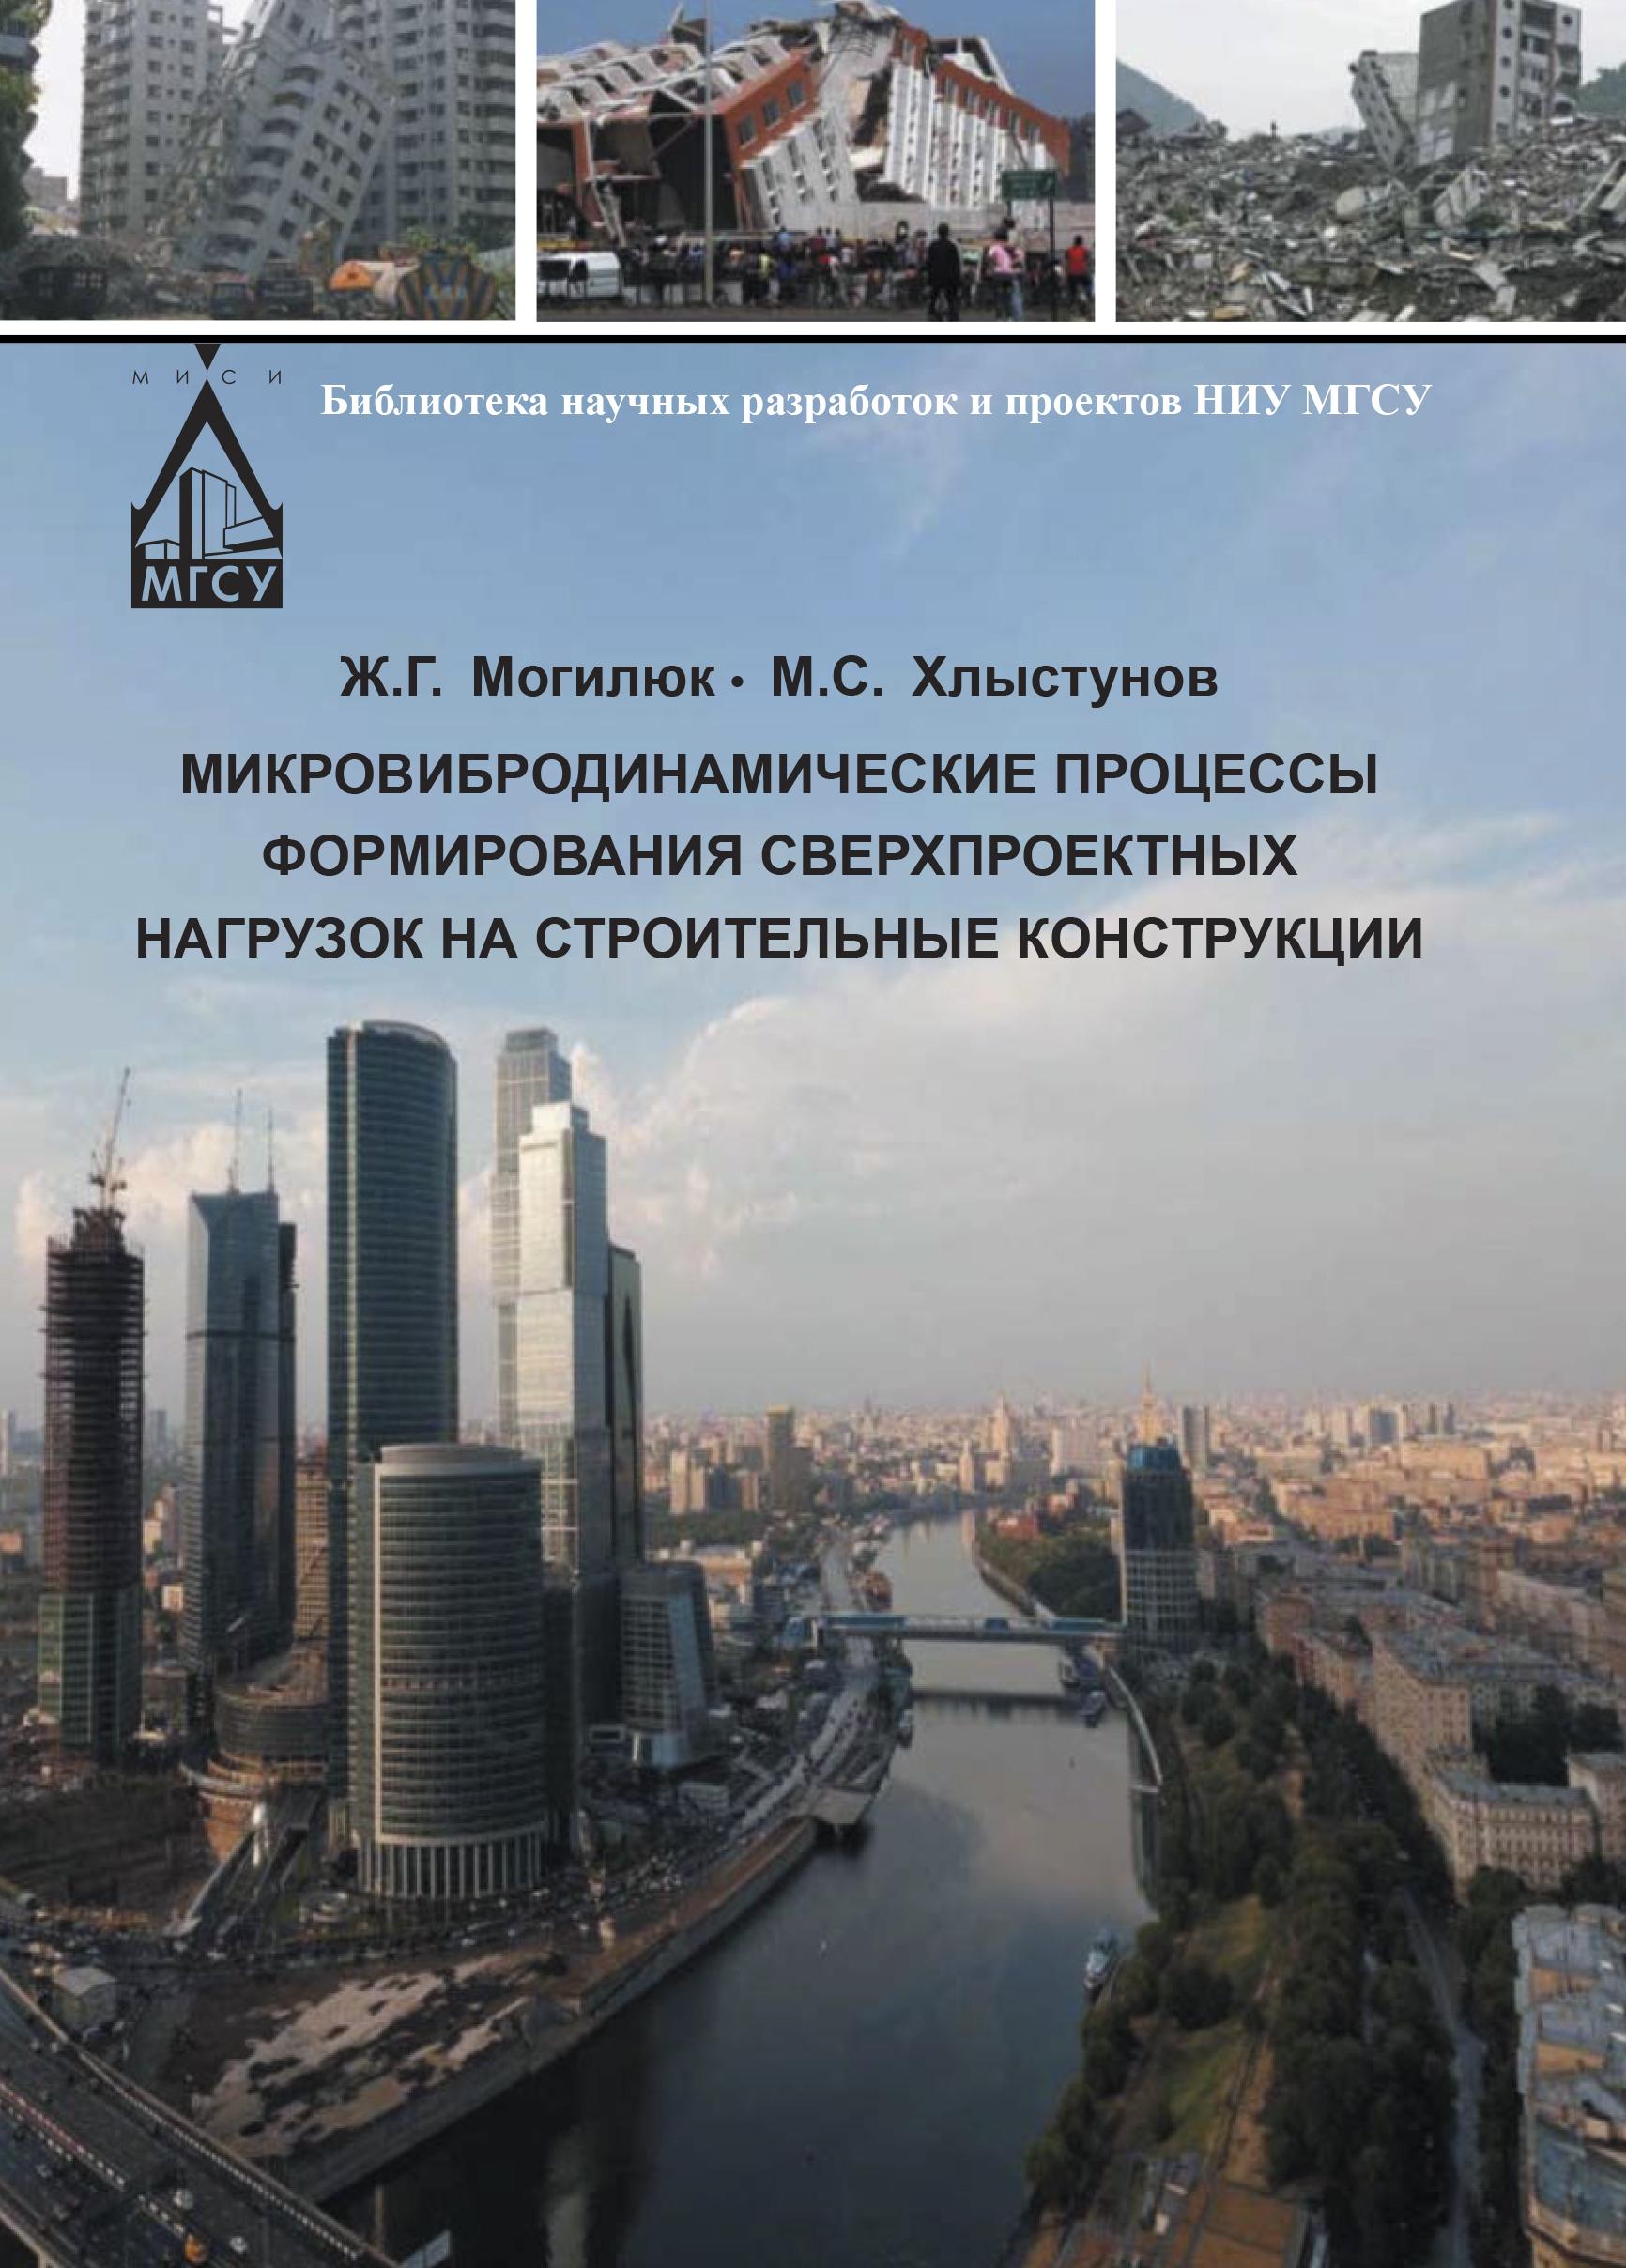 М. С. Хлыстунов Микровибродинамические процессы формирования сверхпроектных нагрузок на строительные конструкции